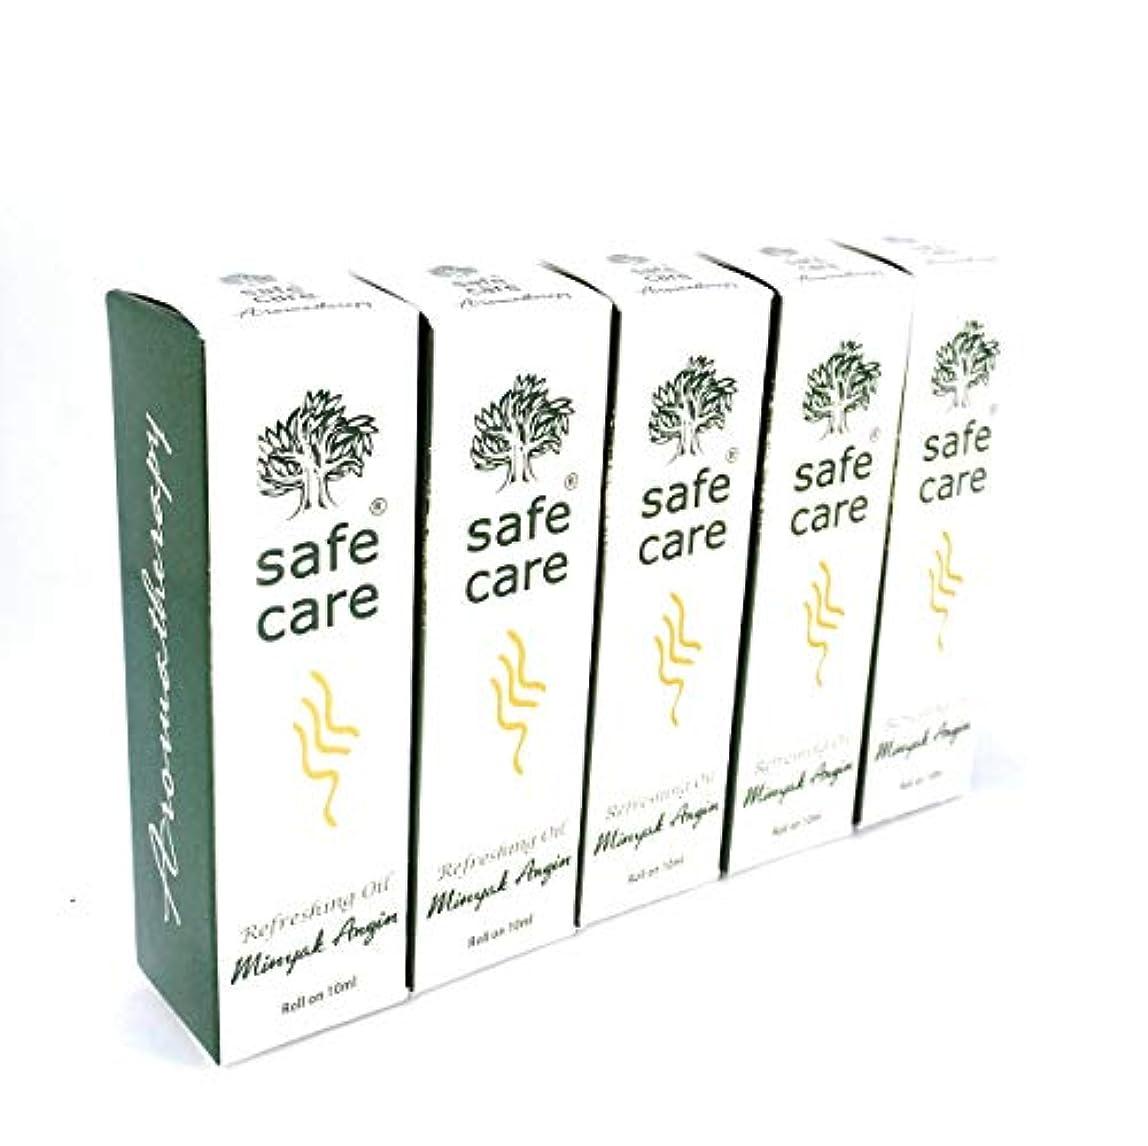 排他的仲良し残高Safe Care セイフケア Aromatherapy Refreshing Oil アロマテラピー リフレッシュオイル ロールオン 10ml × 5本セット [並行輸入品][海外直送品]